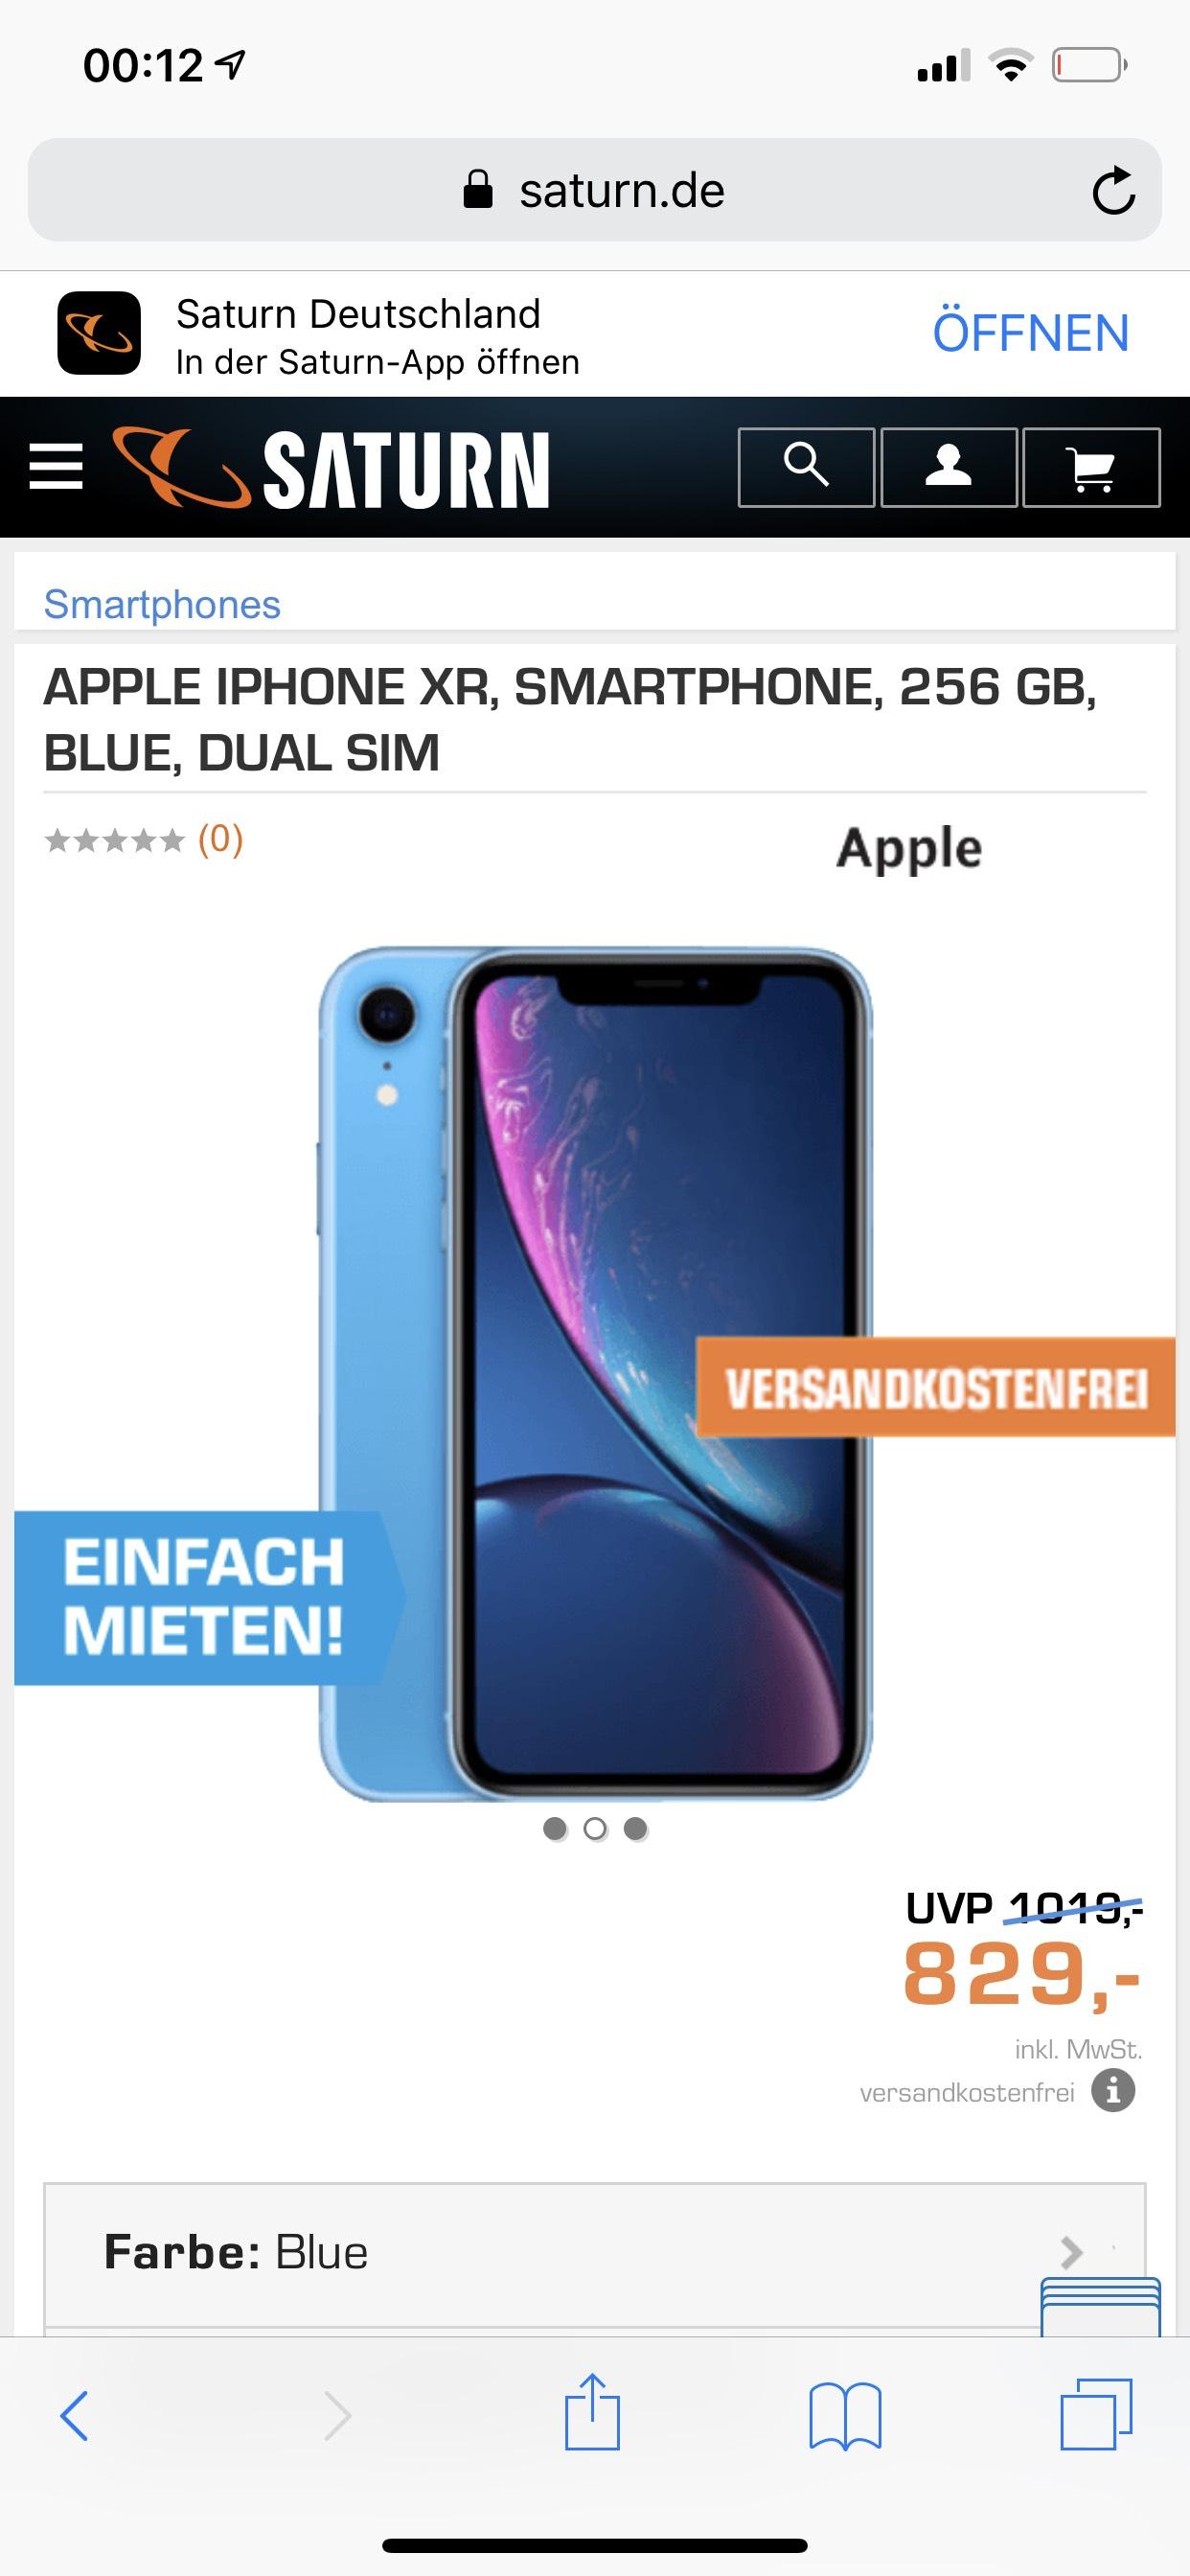 Apple IPhone XR 256 GB Versandkostenfrei Auf Saturn.de für 829€